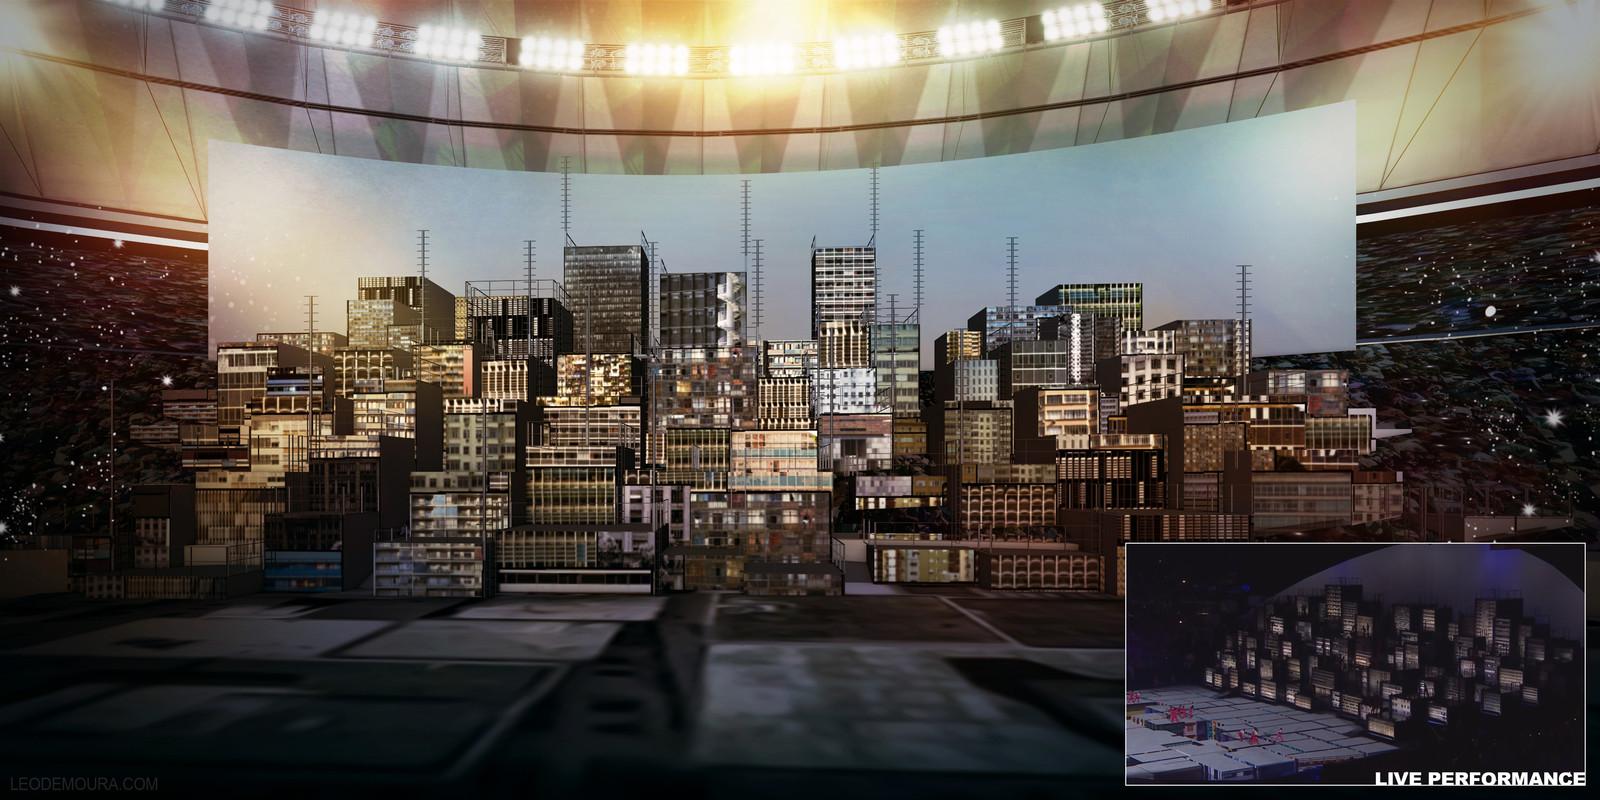 Rio 2016 Olympics Ceremony Storyboard 3/4